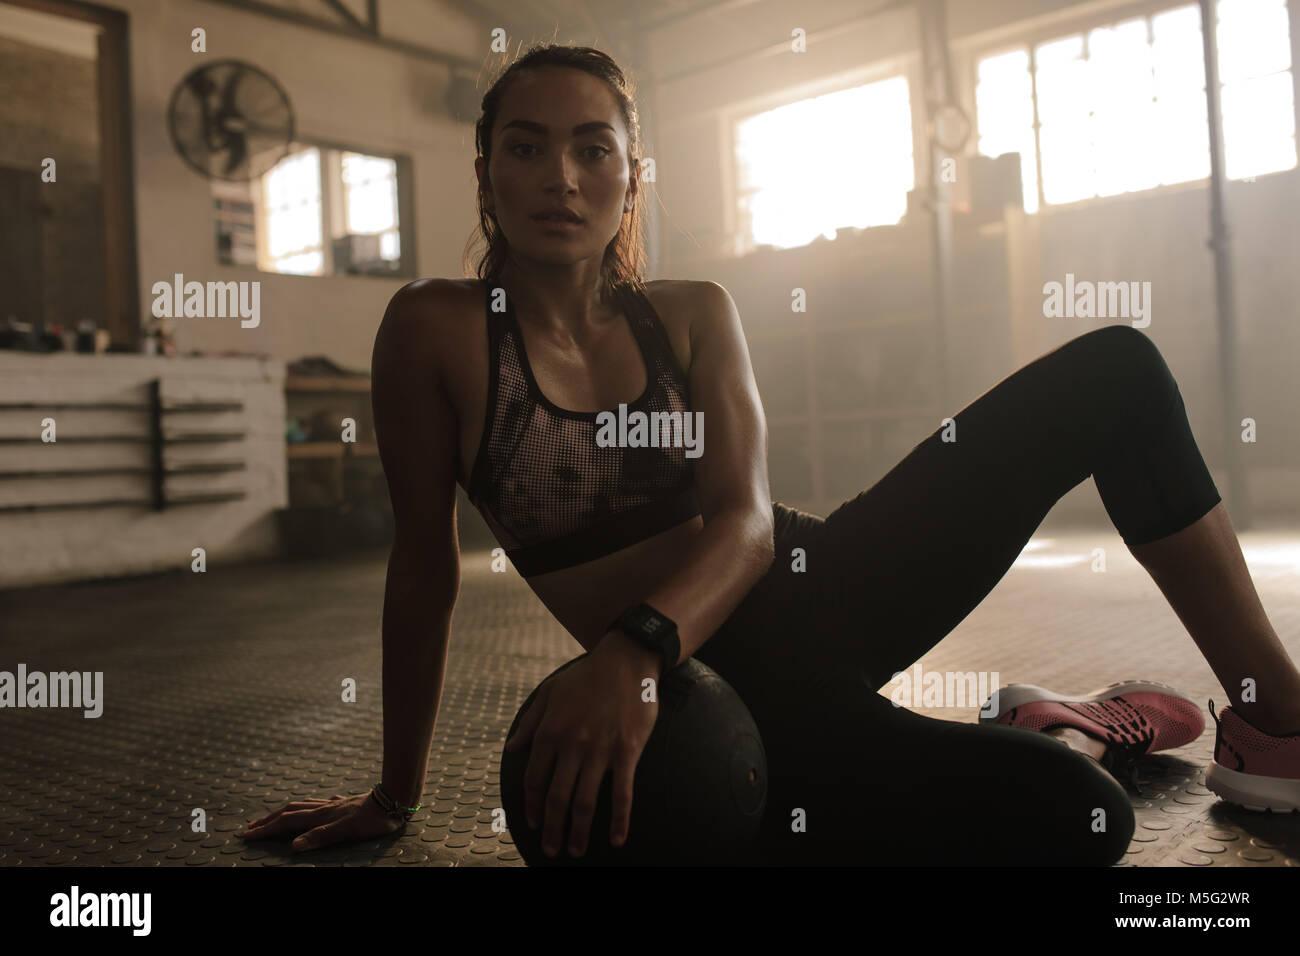 Mujer joven sentado en el piso del gimnasio con balón medicinal tras la sesión de ejercicio. Mujeres tomando Imagen De Stock